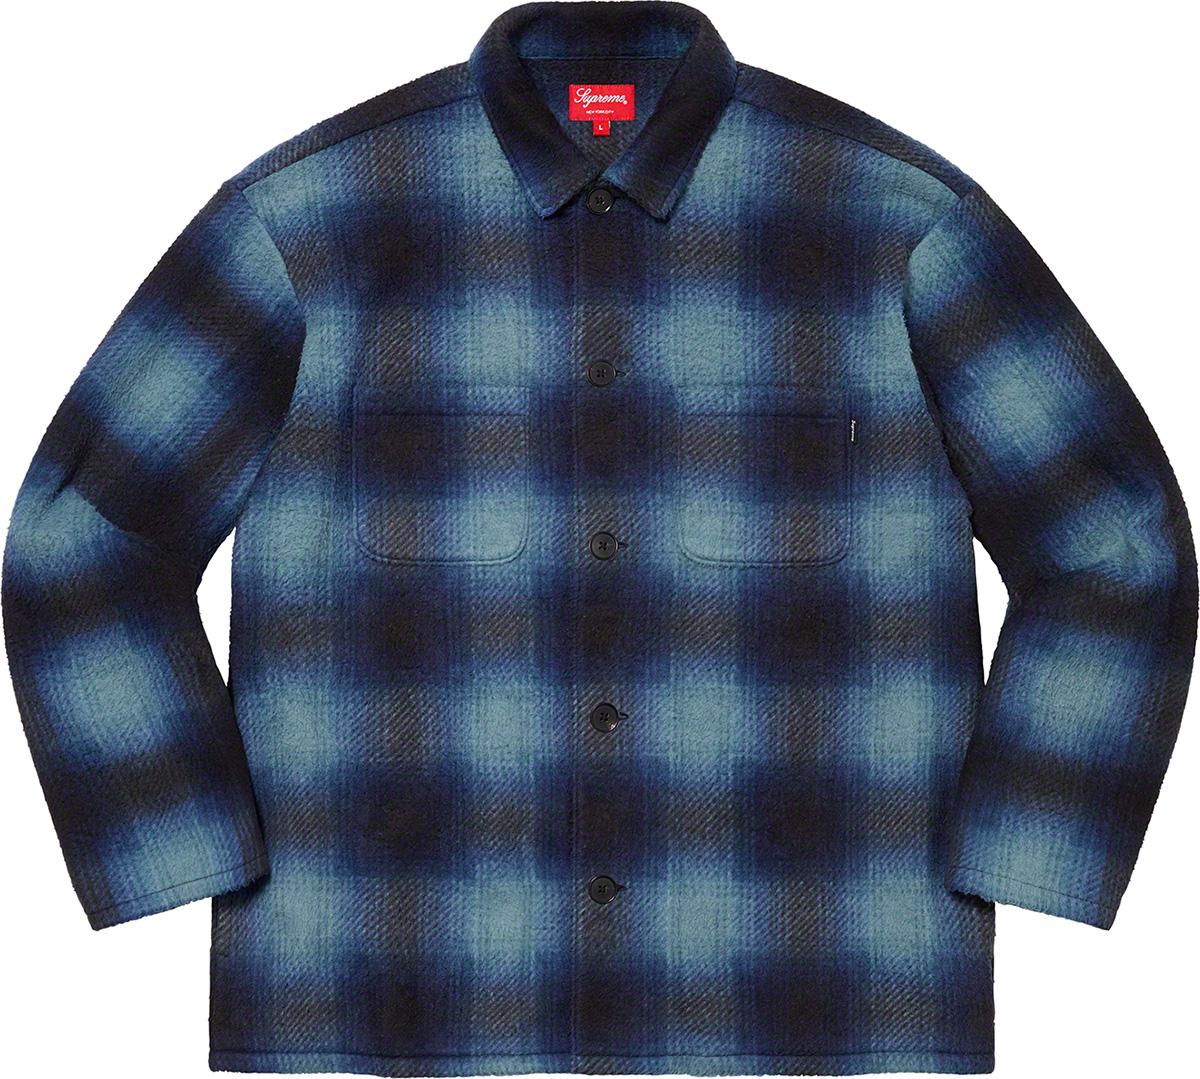 Supreme 2020fw Shadow Plaid Fleece Shirt シュプリーム チェック ブルー